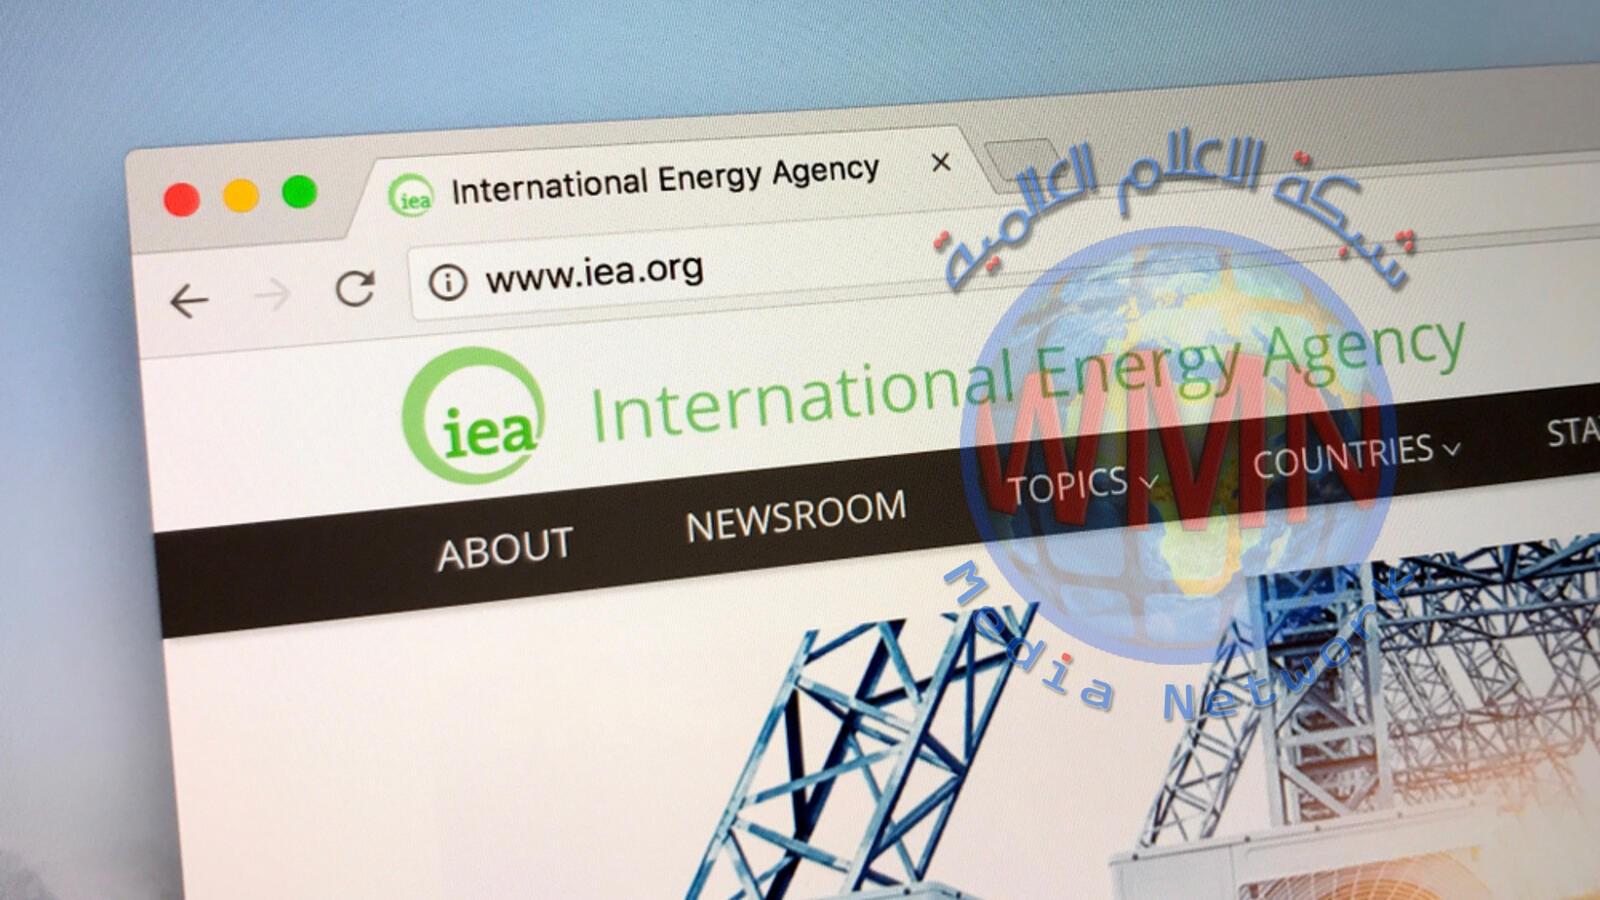 وكالة الطاقة الدولية: العالم سيحتاج إلى كمية فائضة قليلة جدا من النفط